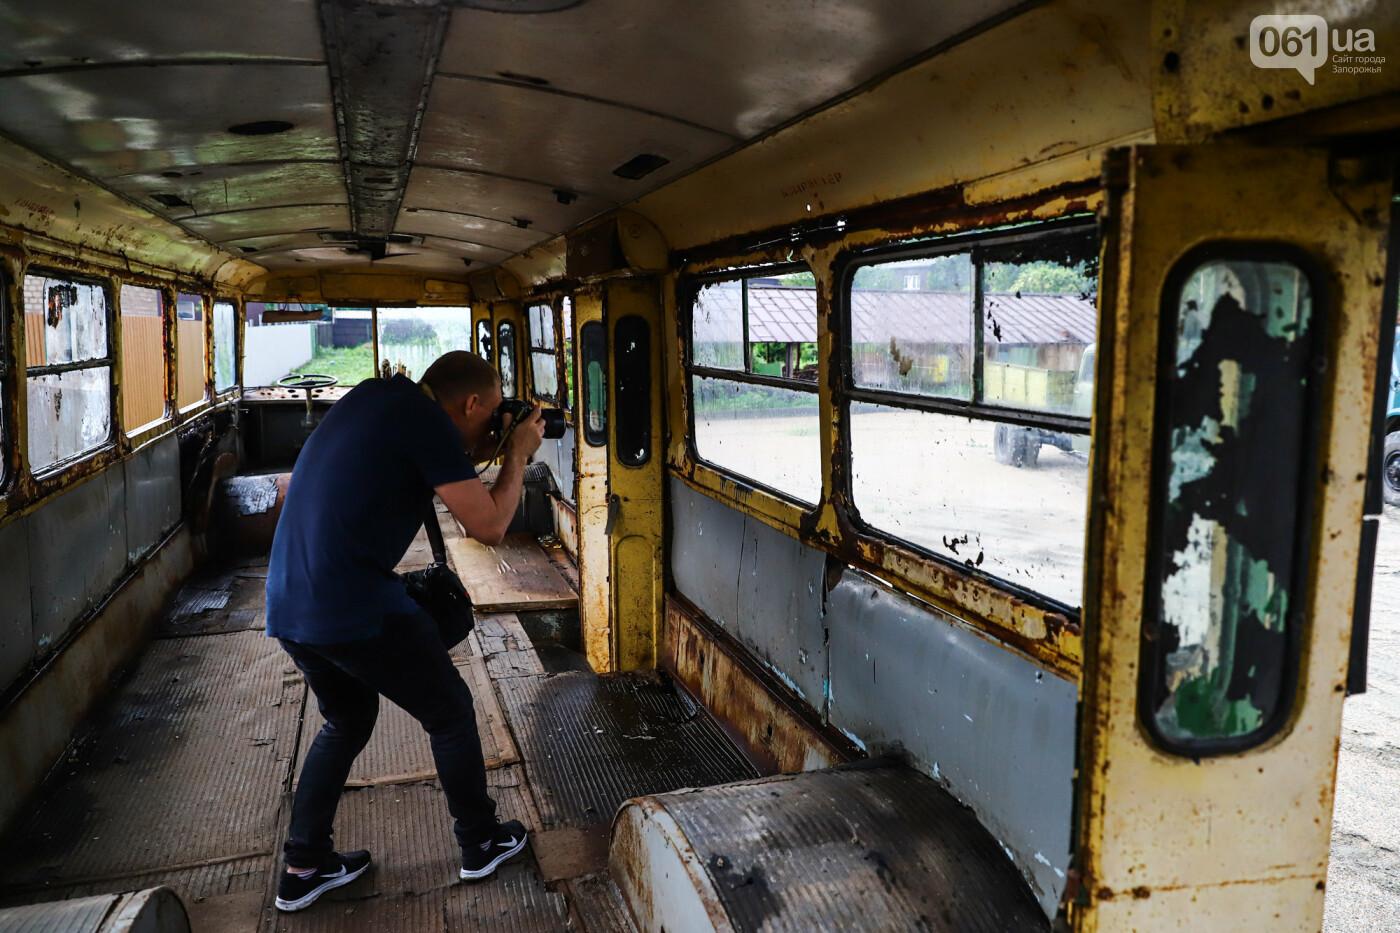 В Запорожье на месте зеленхоза одного из заводов появится Музей специального транспорта, - ФОТОРЕПОРТАЖ, фото-18